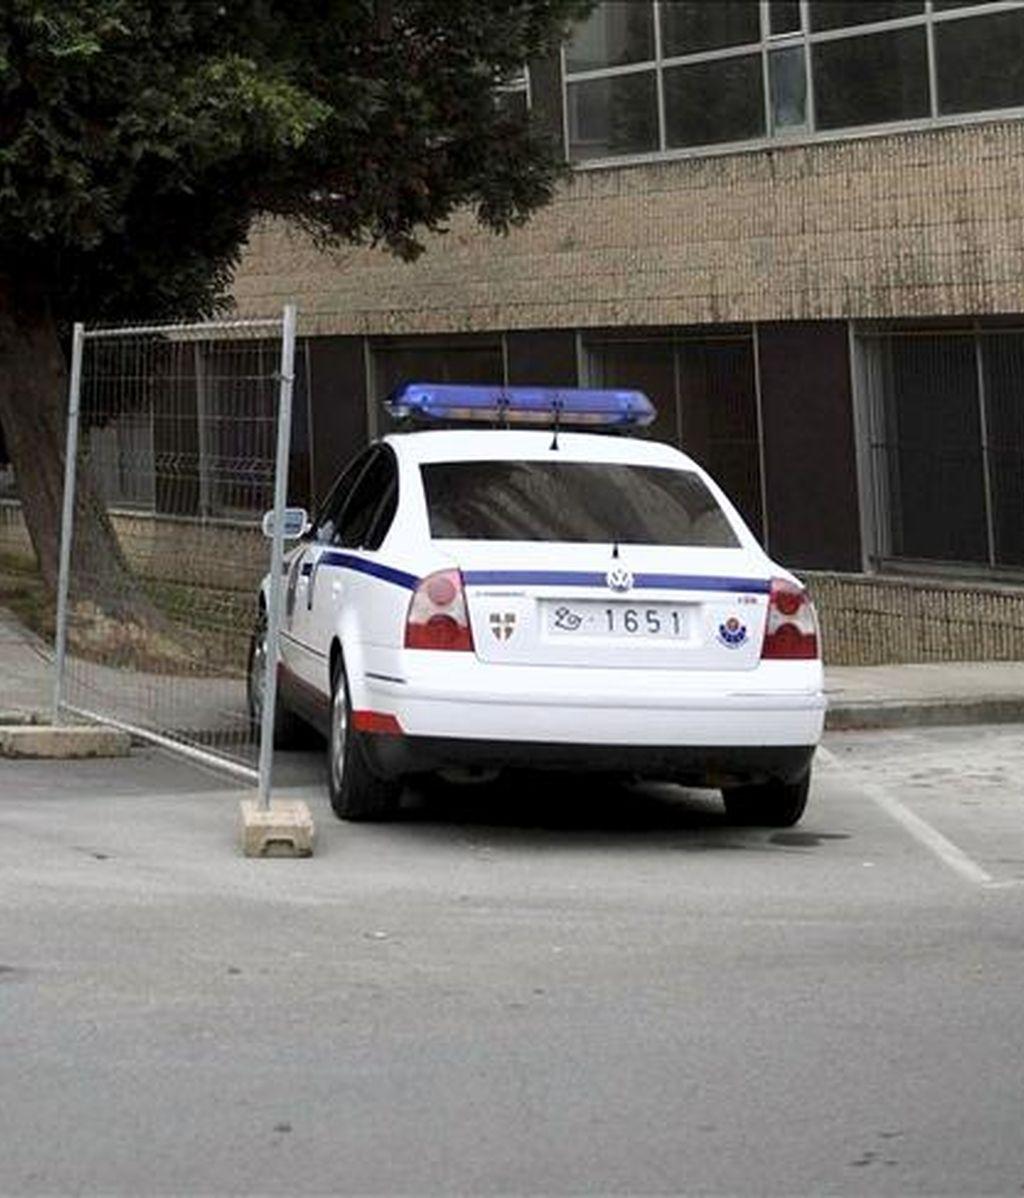 Un vehículo patrulla de la Ertzaintza. EFE/Archivo